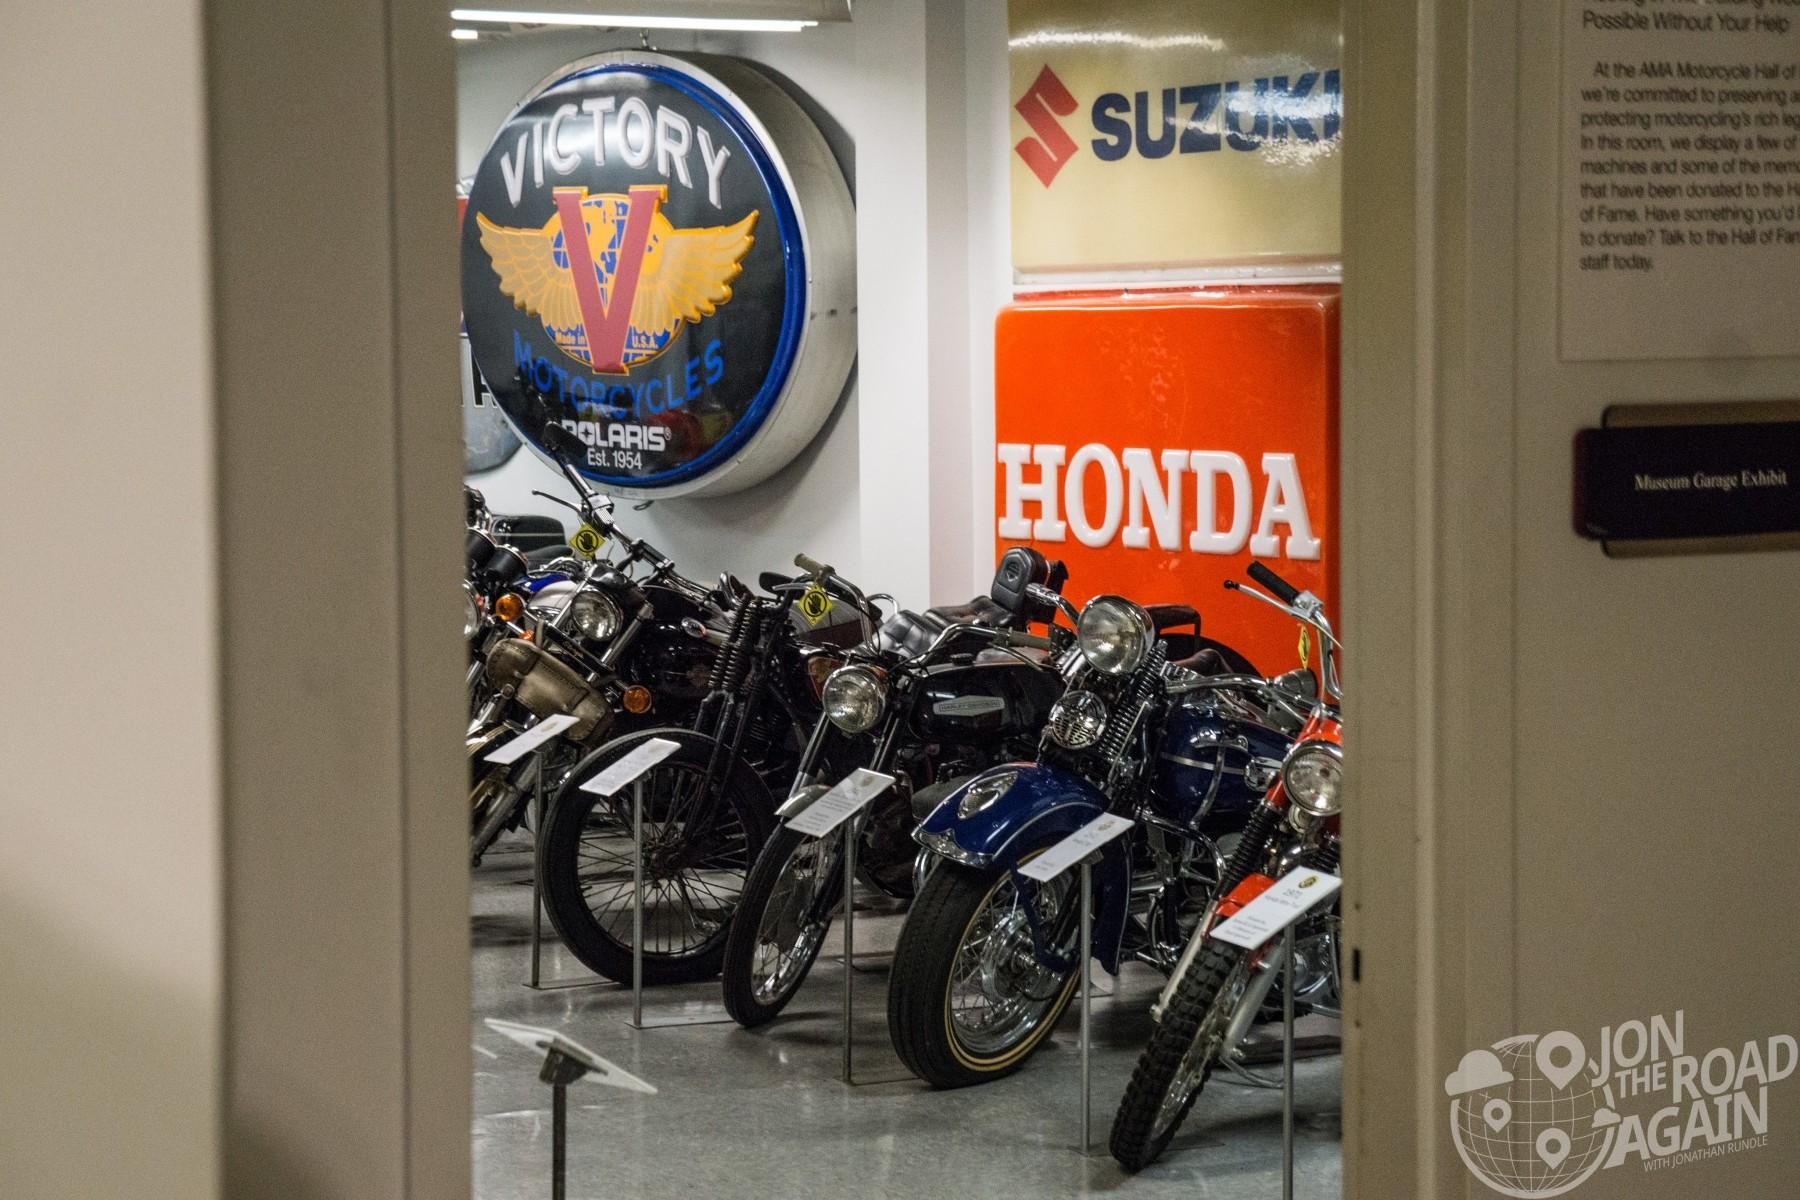 Garage display at Motorcycle Hall of Fame